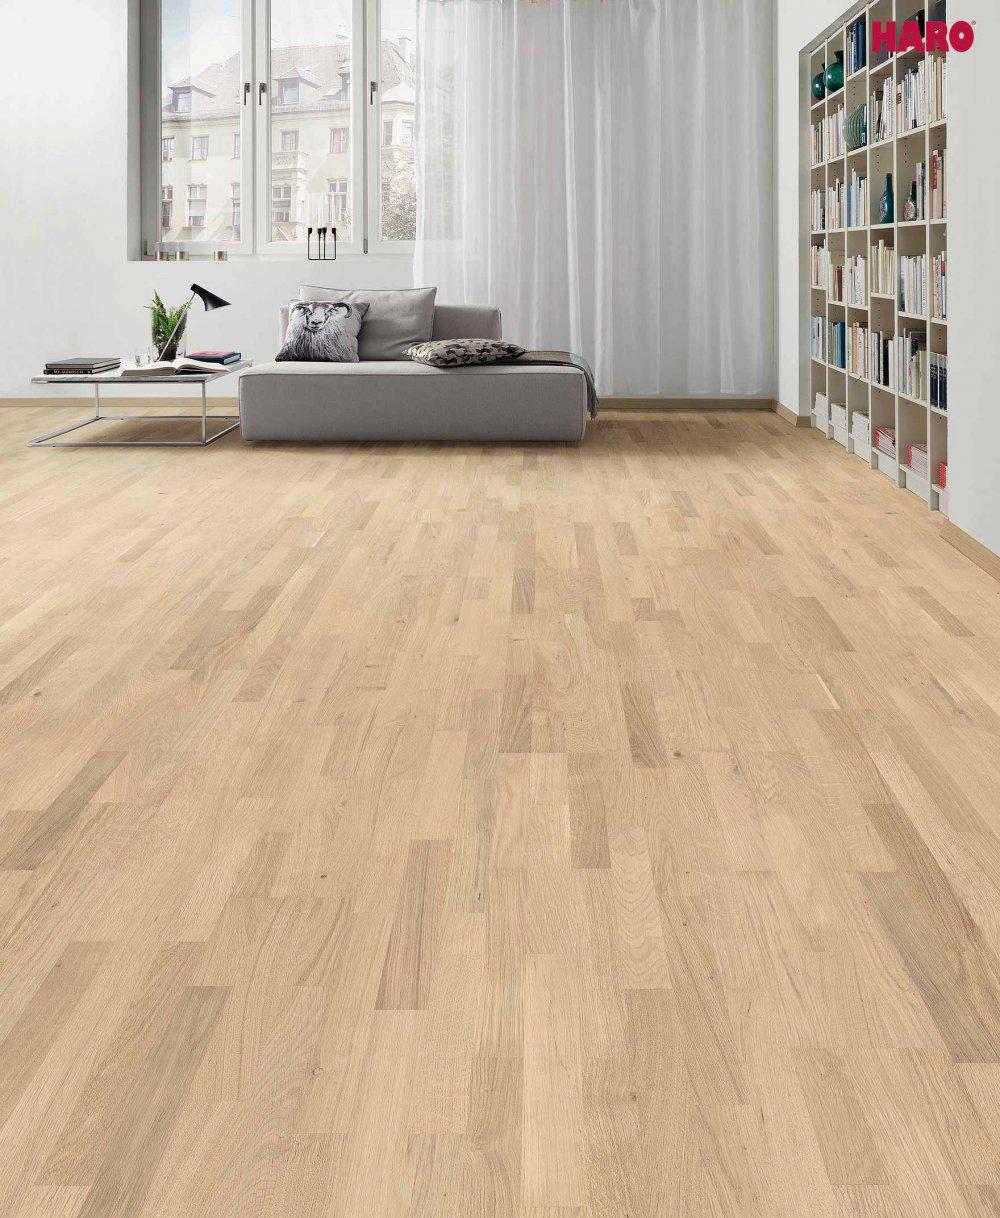 parkett marken die jeder kennt von h chster qualit t. Black Bedroom Furniture Sets. Home Design Ideas